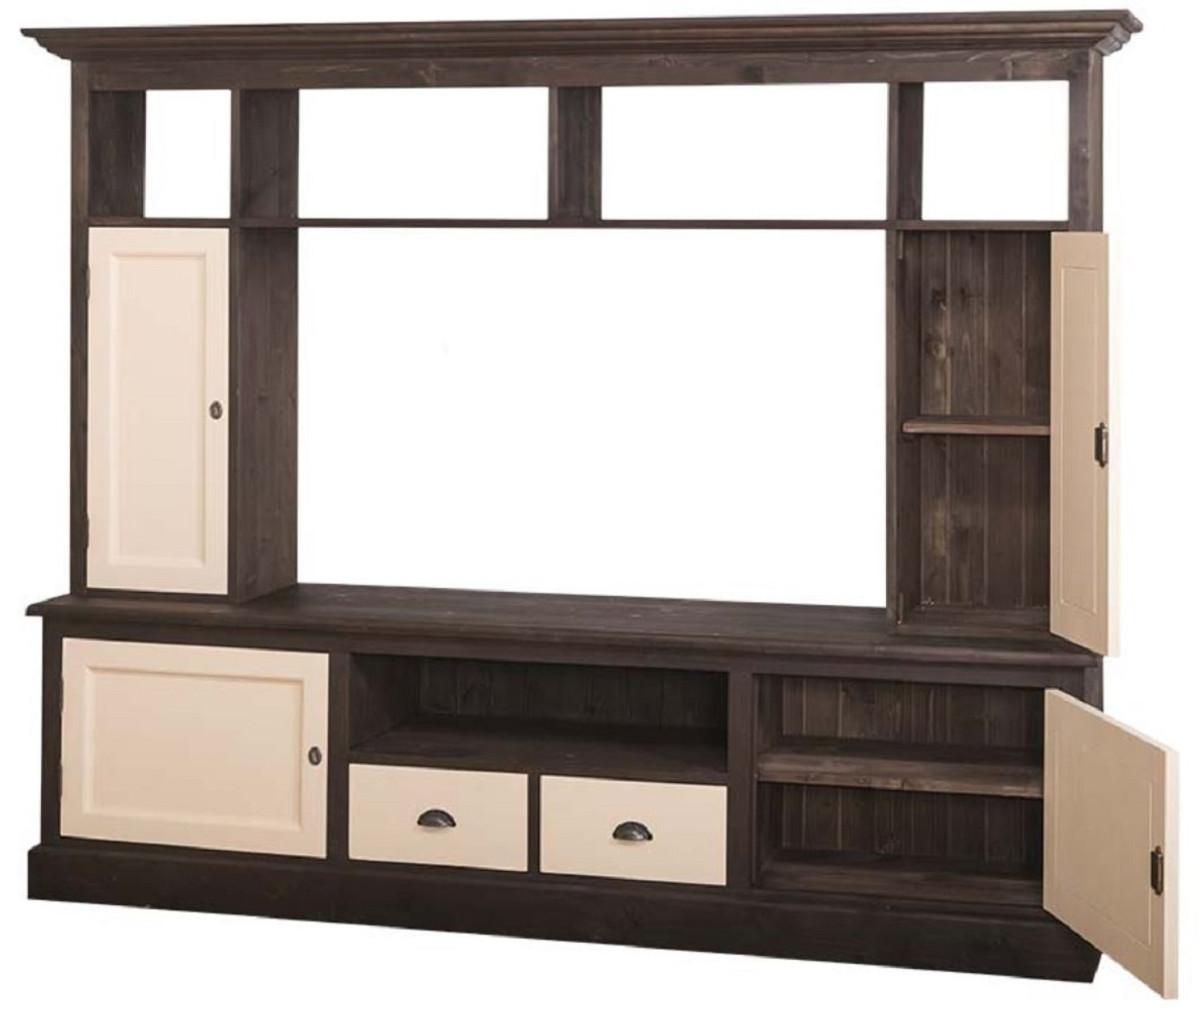 Casa Padrino armadio TV per soggiorno in stile country marrone scuro /  beige 207 x 46 x H. 166 cm - Armadio TV in Legno Massello - Armadio per ...